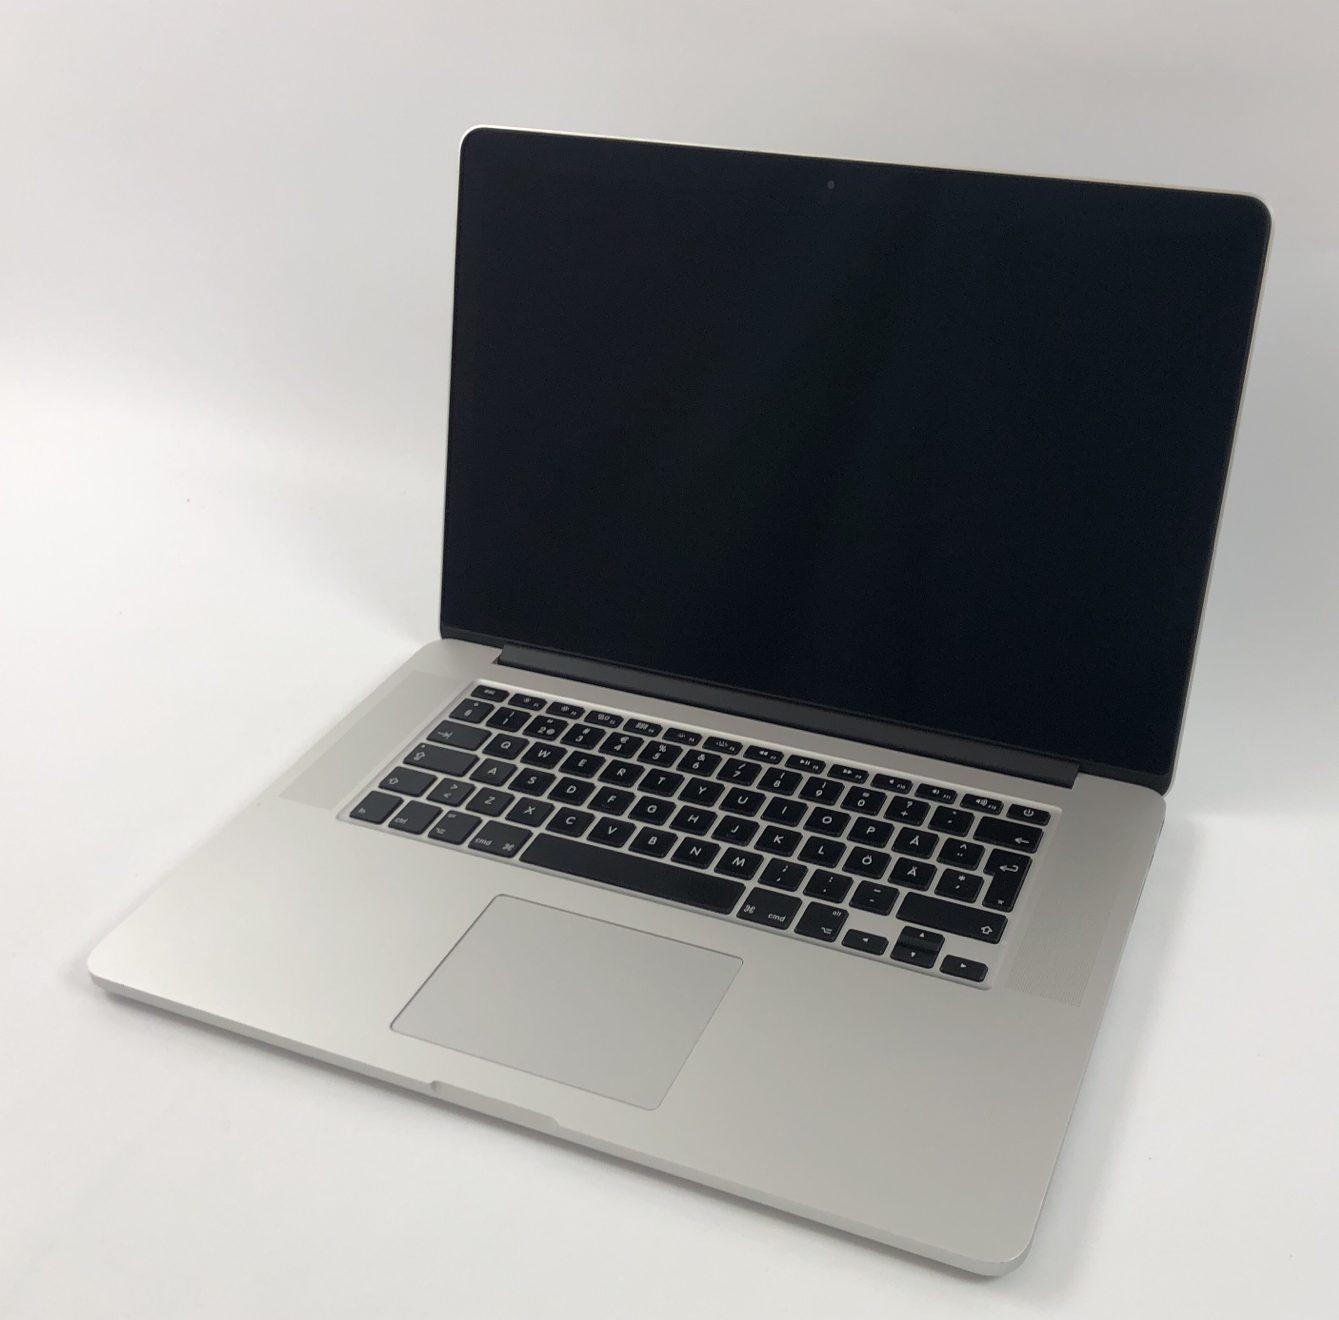 """MacBook Pro Retina 15"""" Mid 2015 (Intel Quad-Core i7 2.5 GHz 16 GB RAM 512 GB SSD), Intel Quad-Core i7 2.5 GHz, 16 GB RAM, 512 GB SSD, Kuva 1"""